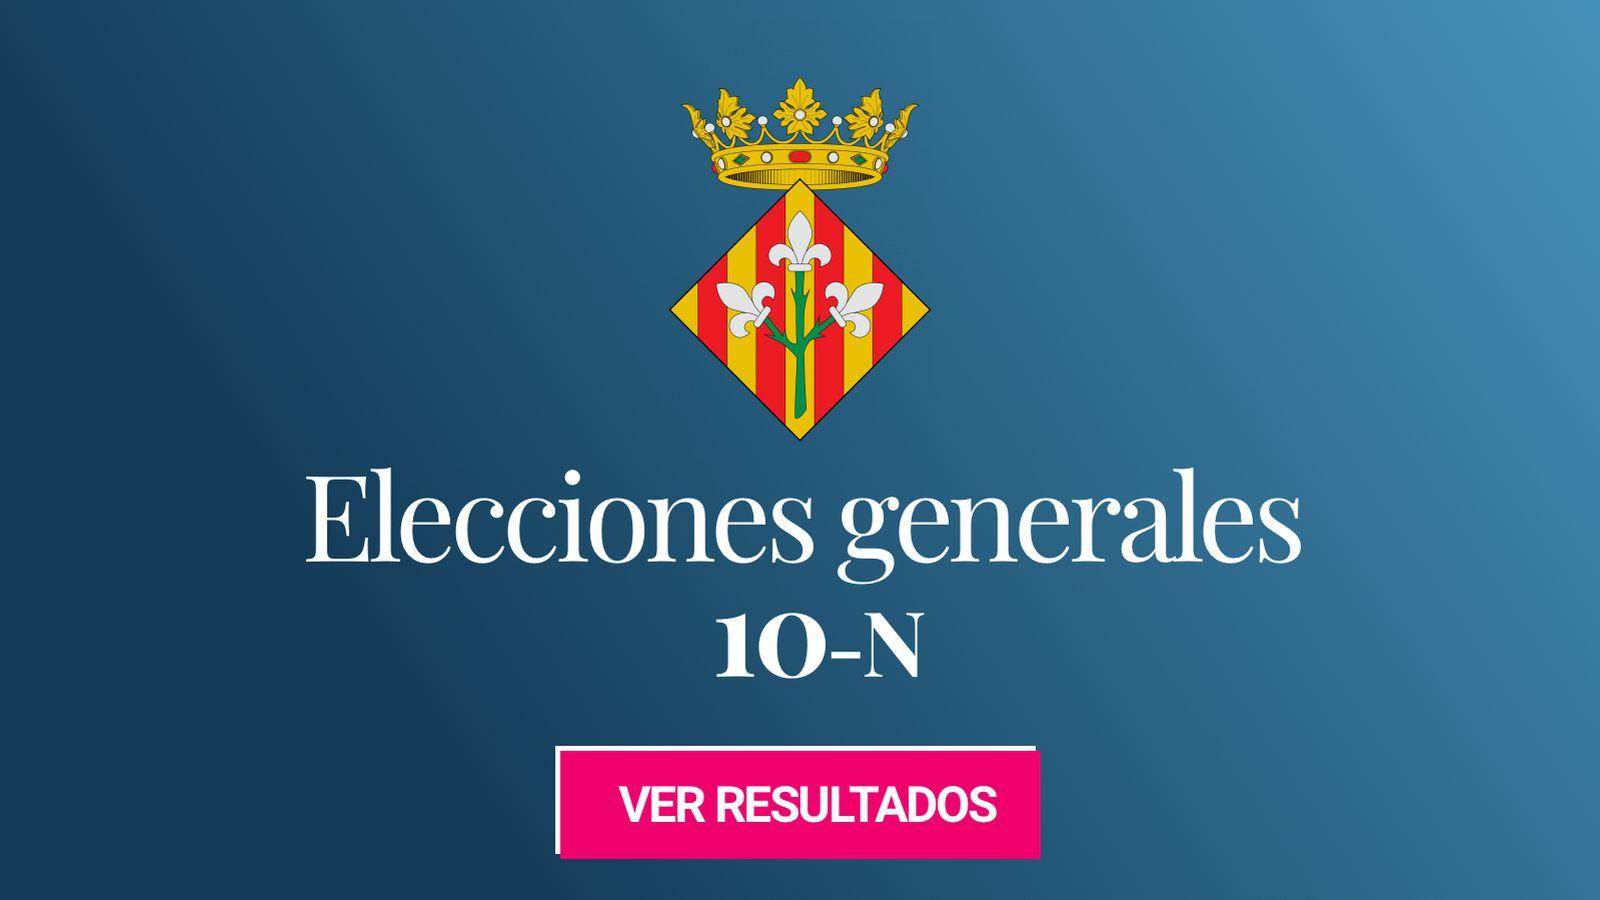 Foto: Elecciones generales 2019 en Lleida. (C.C./EC)